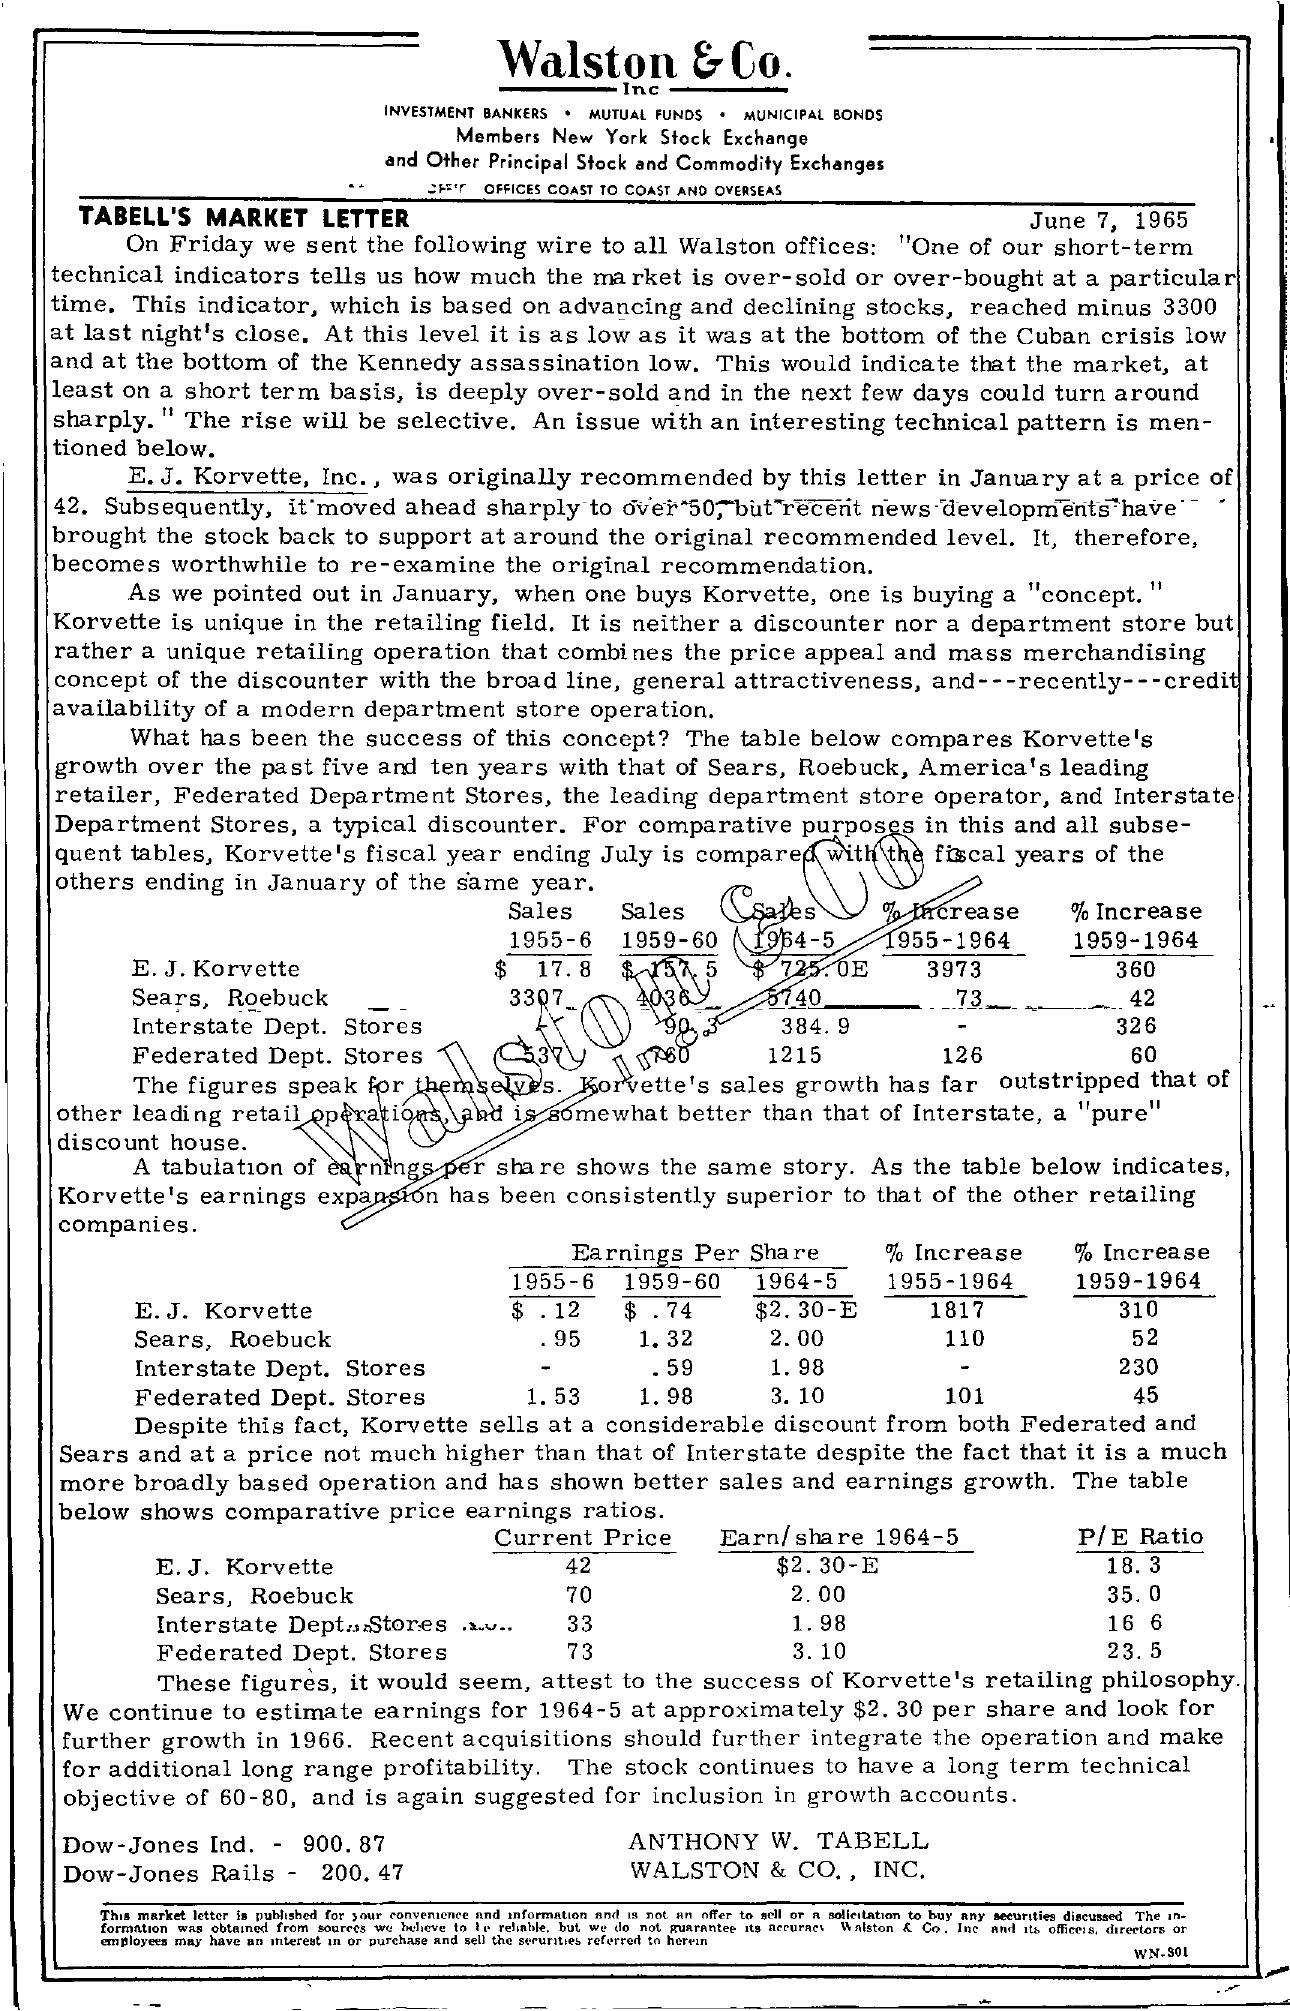 Tabell's Market Letter - June 07, 1965